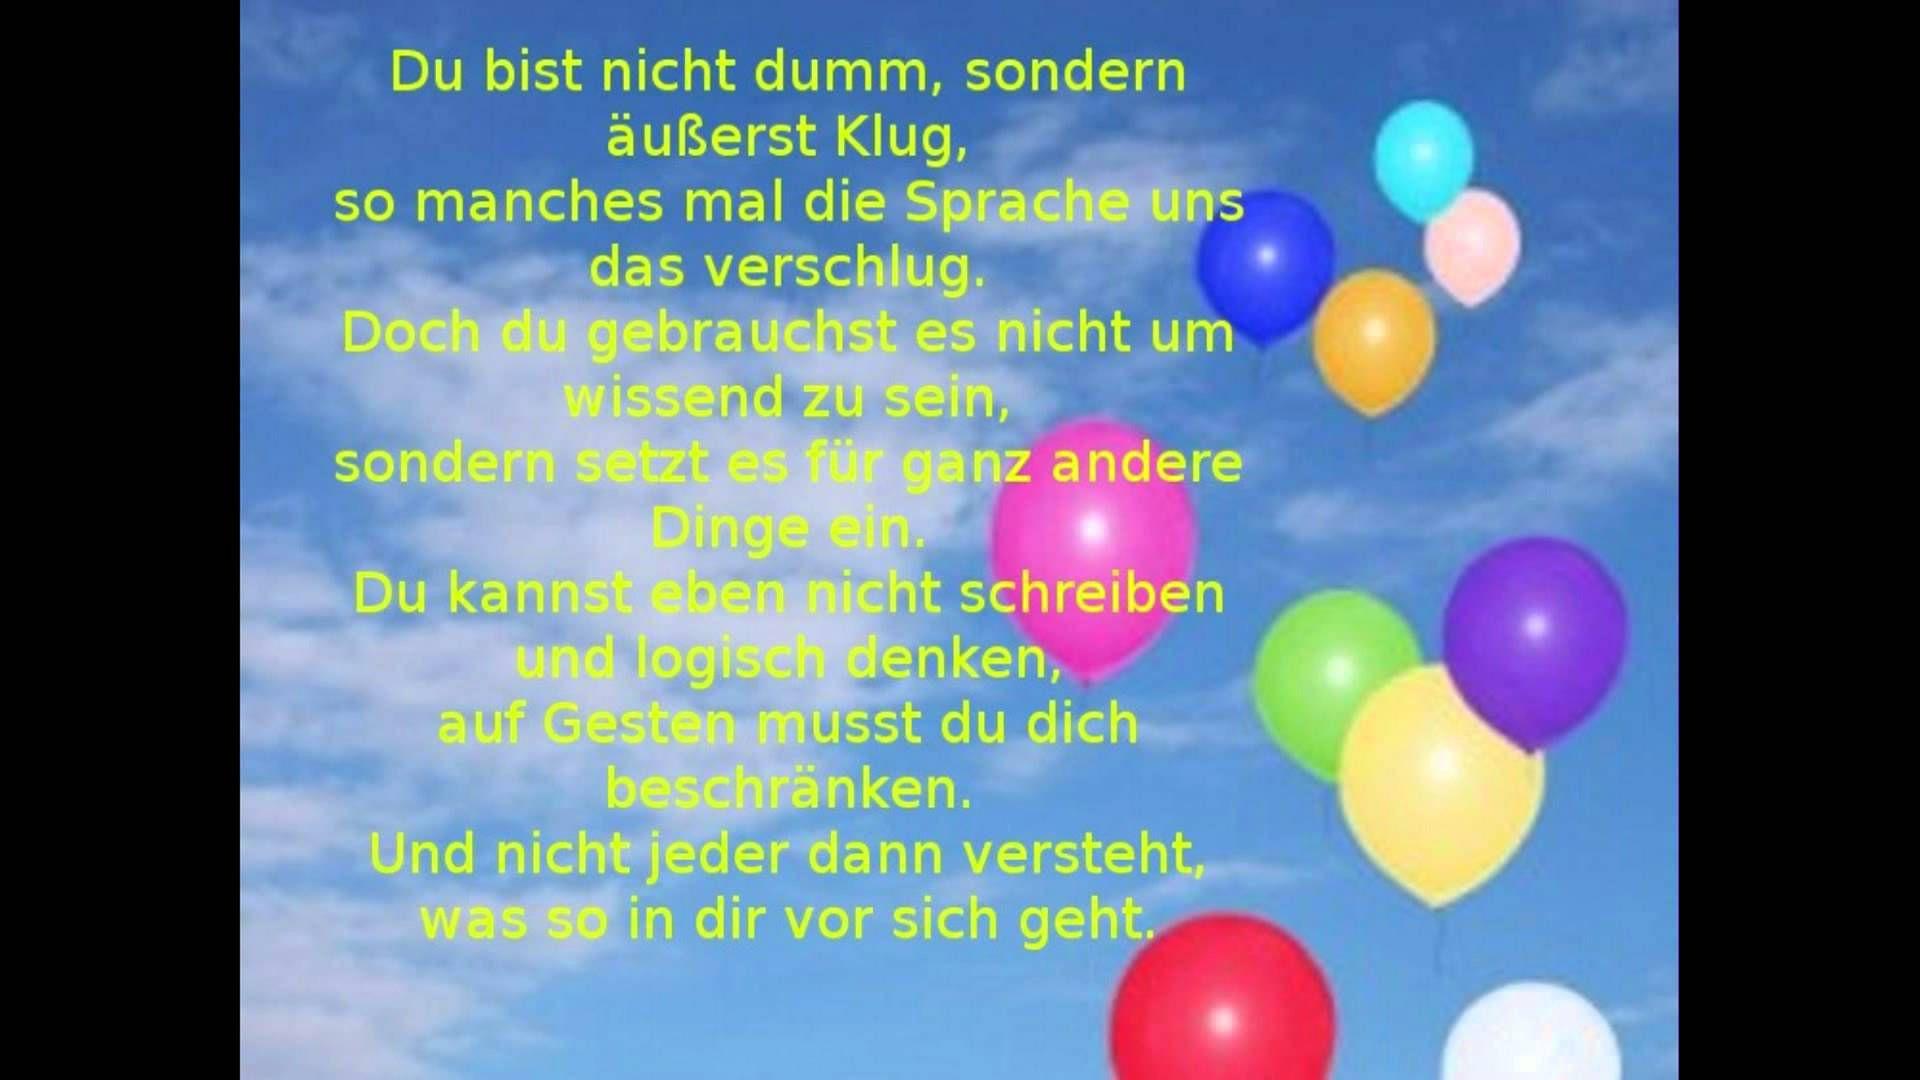 Geburtstagswünsche Für Kinder 12 Jahre  Alles Gute Zum Geburtstag Sprüche Lustig